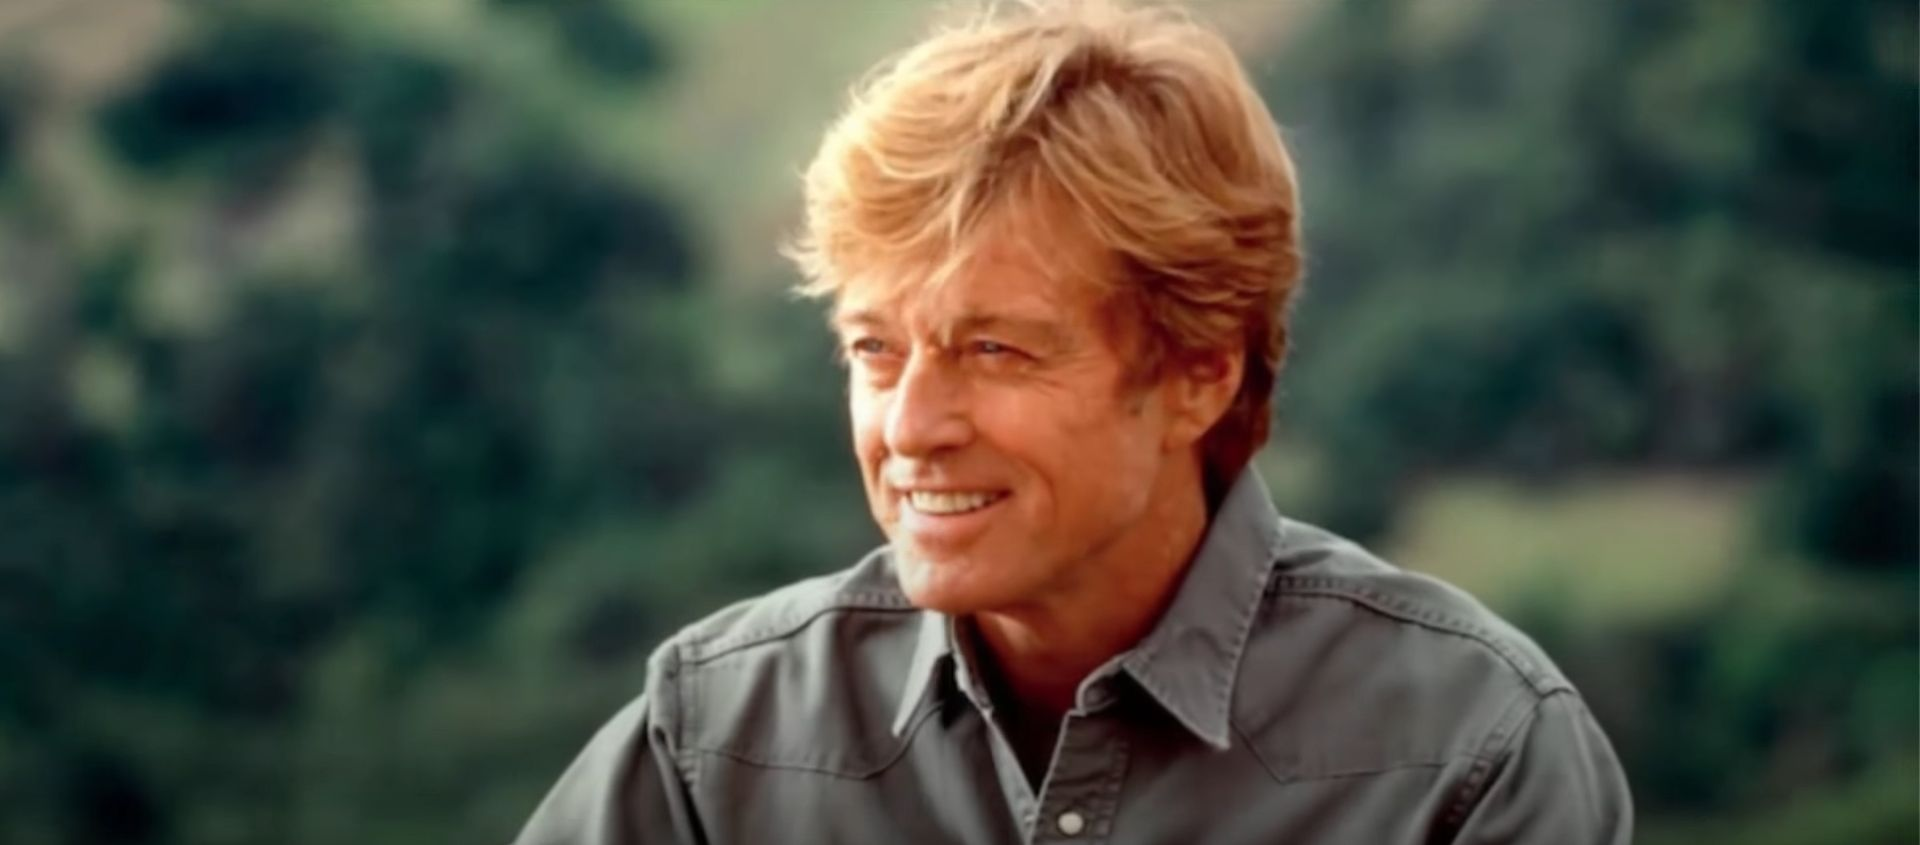 Robert Redford, jedan od najboljih u generaciji, oprostio se od glume